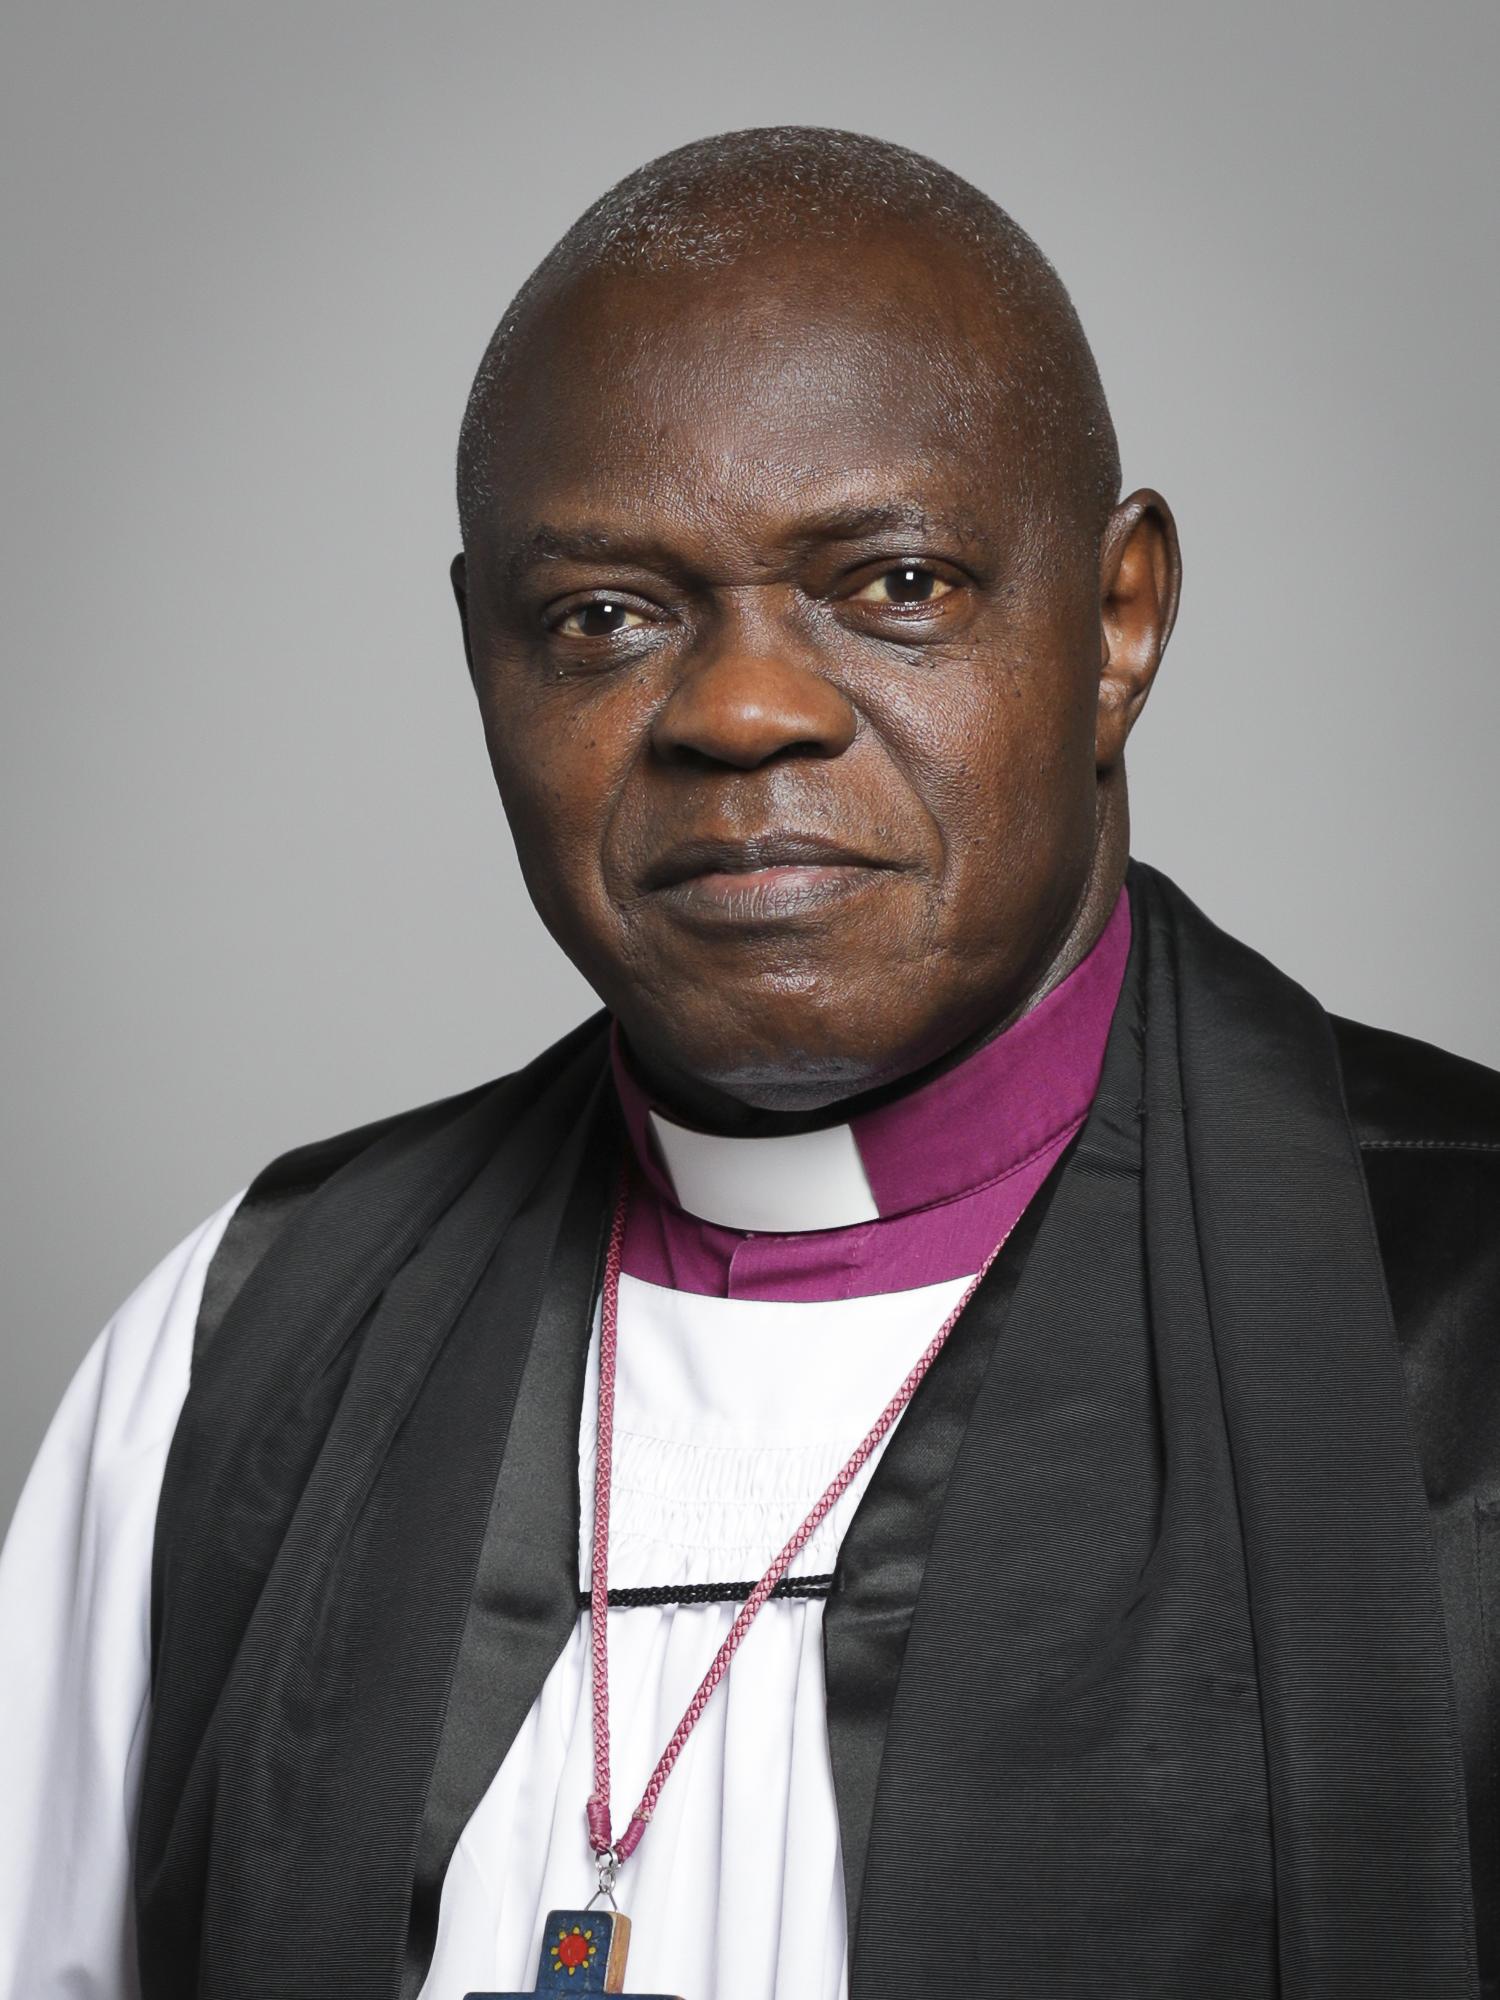 Dr John Sentamu, Archbishop of York